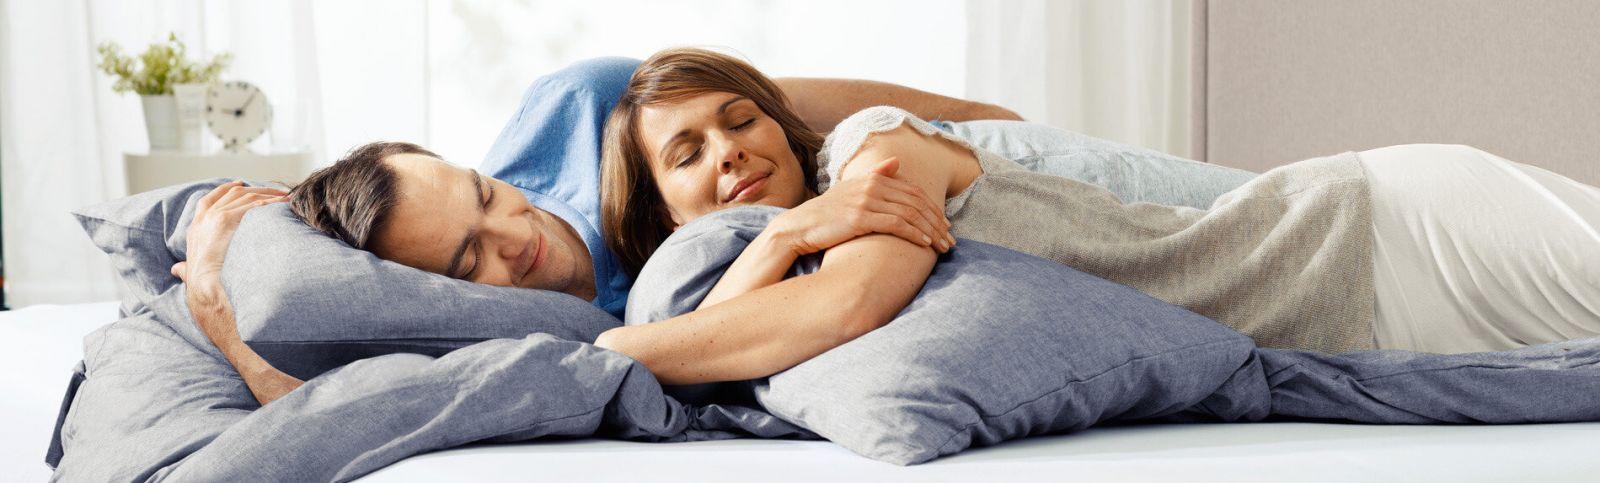 Как выбрать матрас для полноценного и здорового сна?